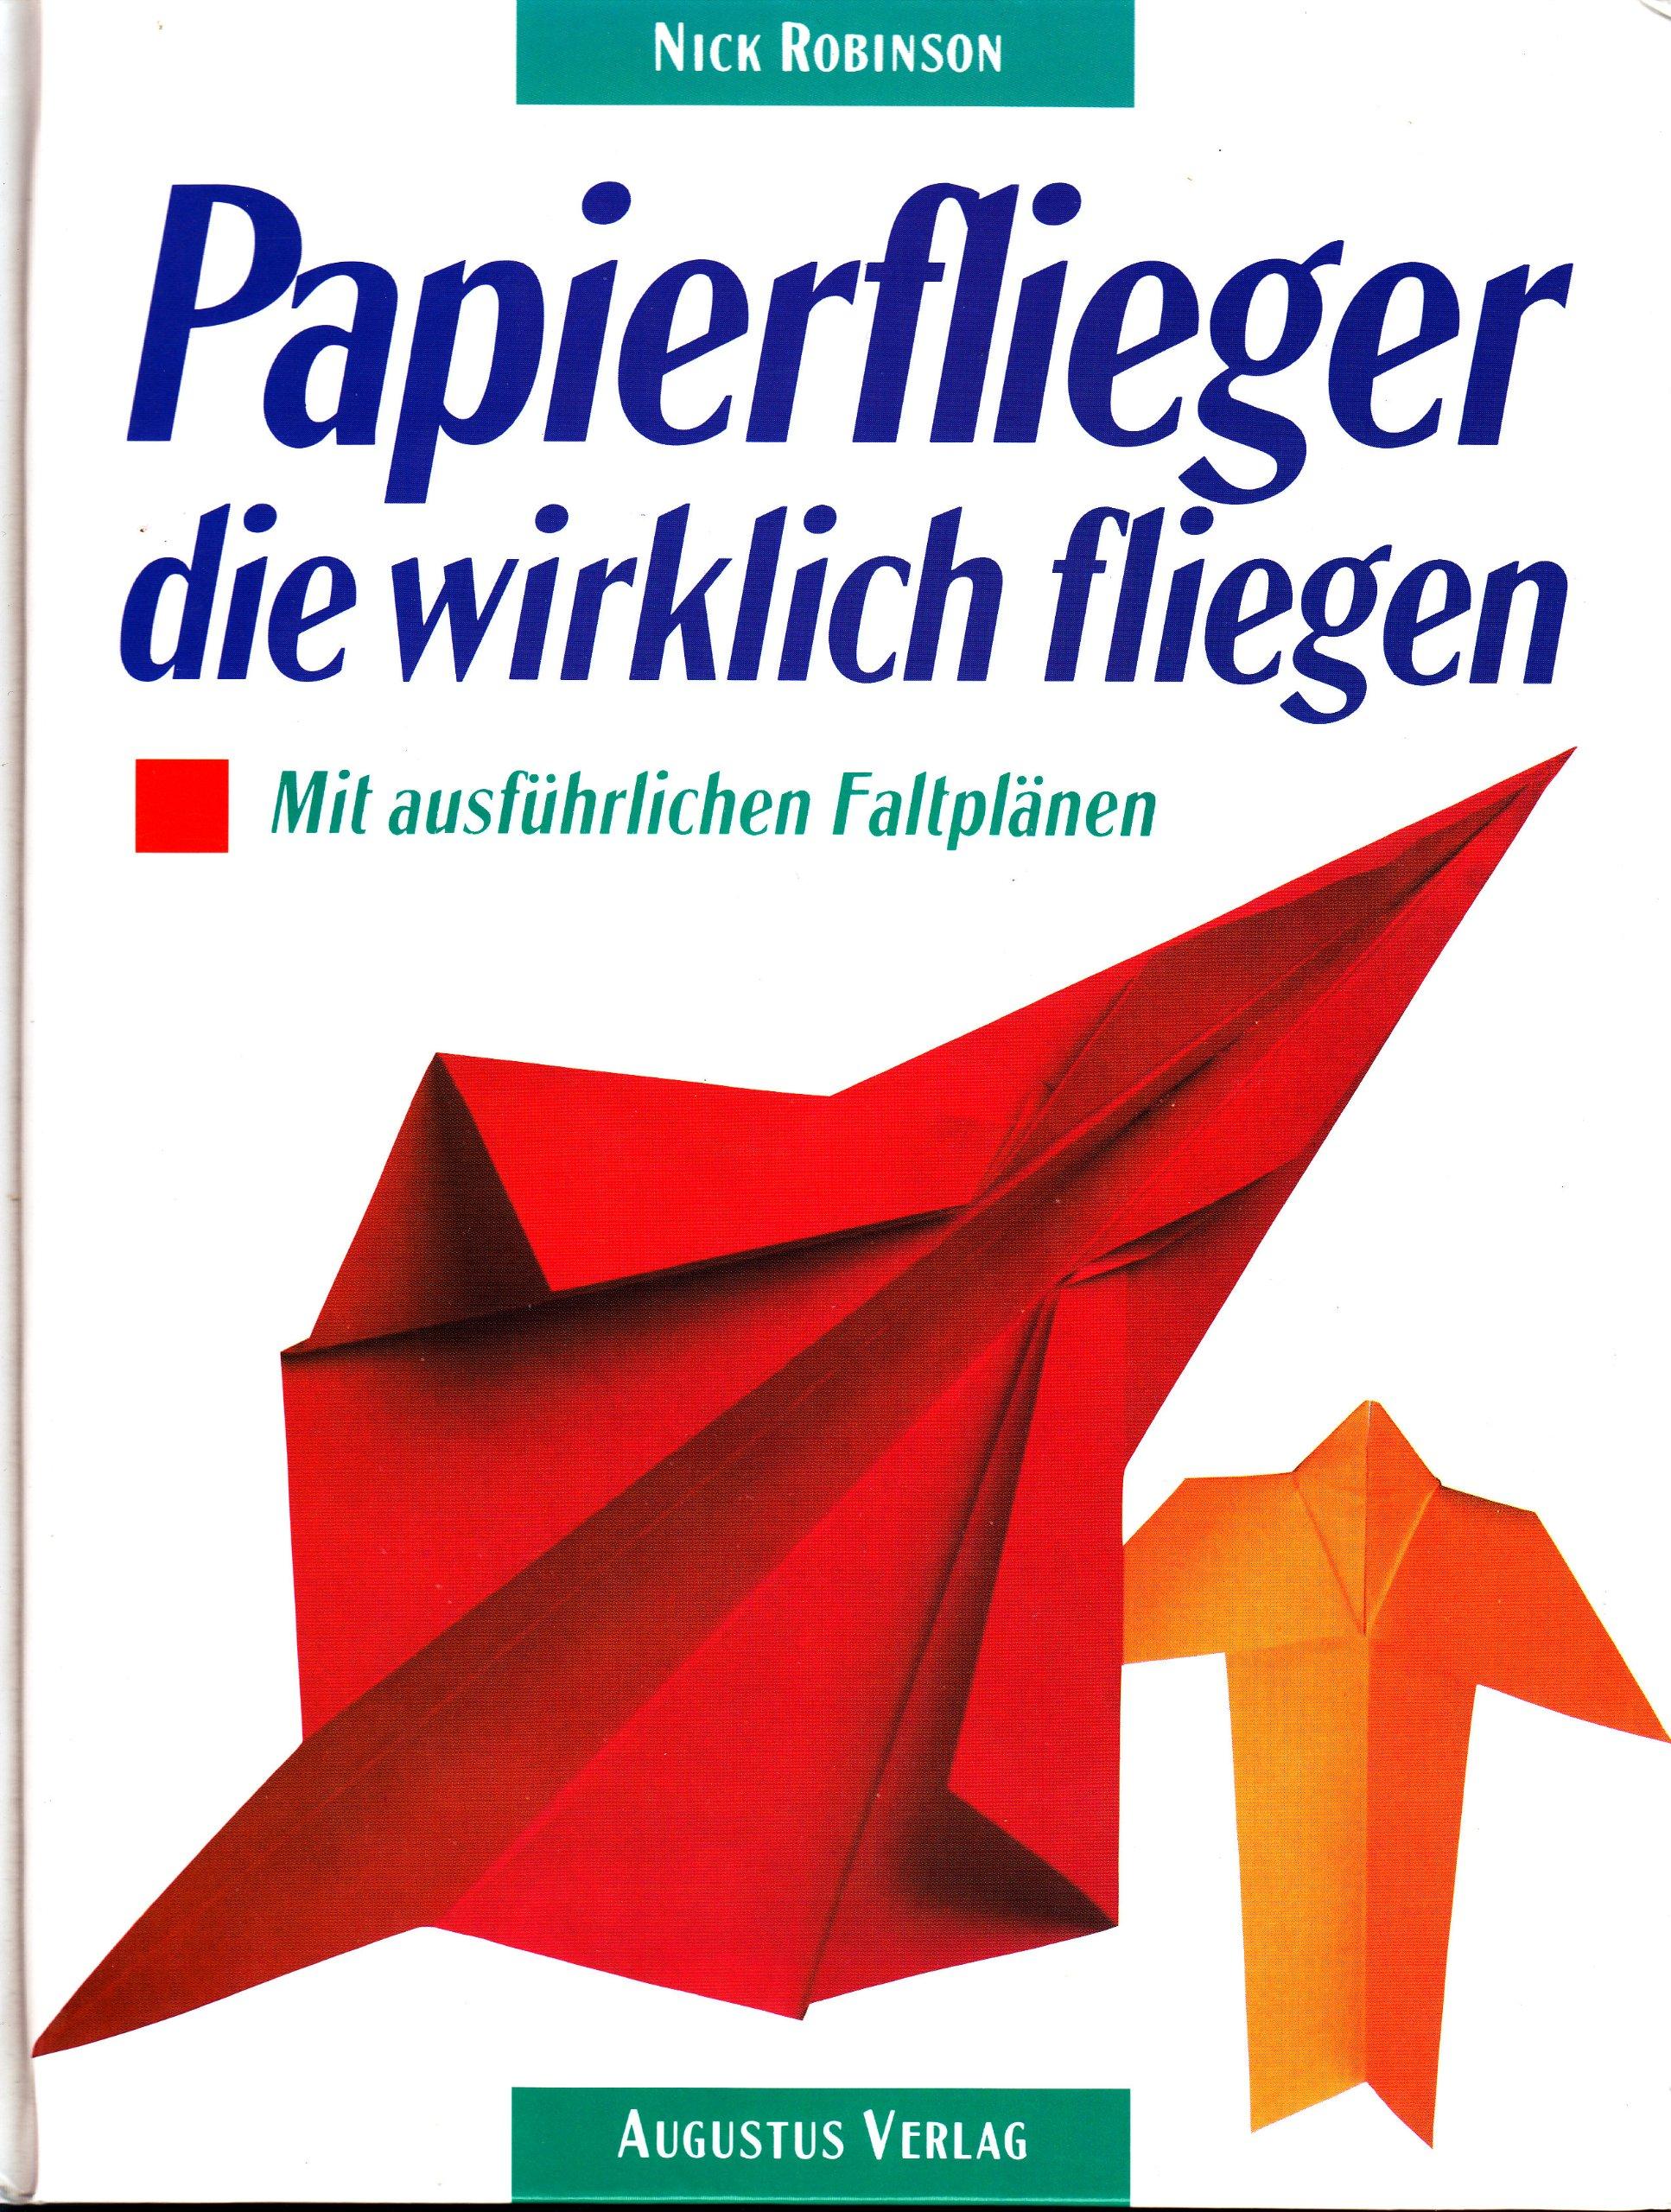 Papierflieger, die wirklich fliegen. Mit ausführlichen Faltplänen